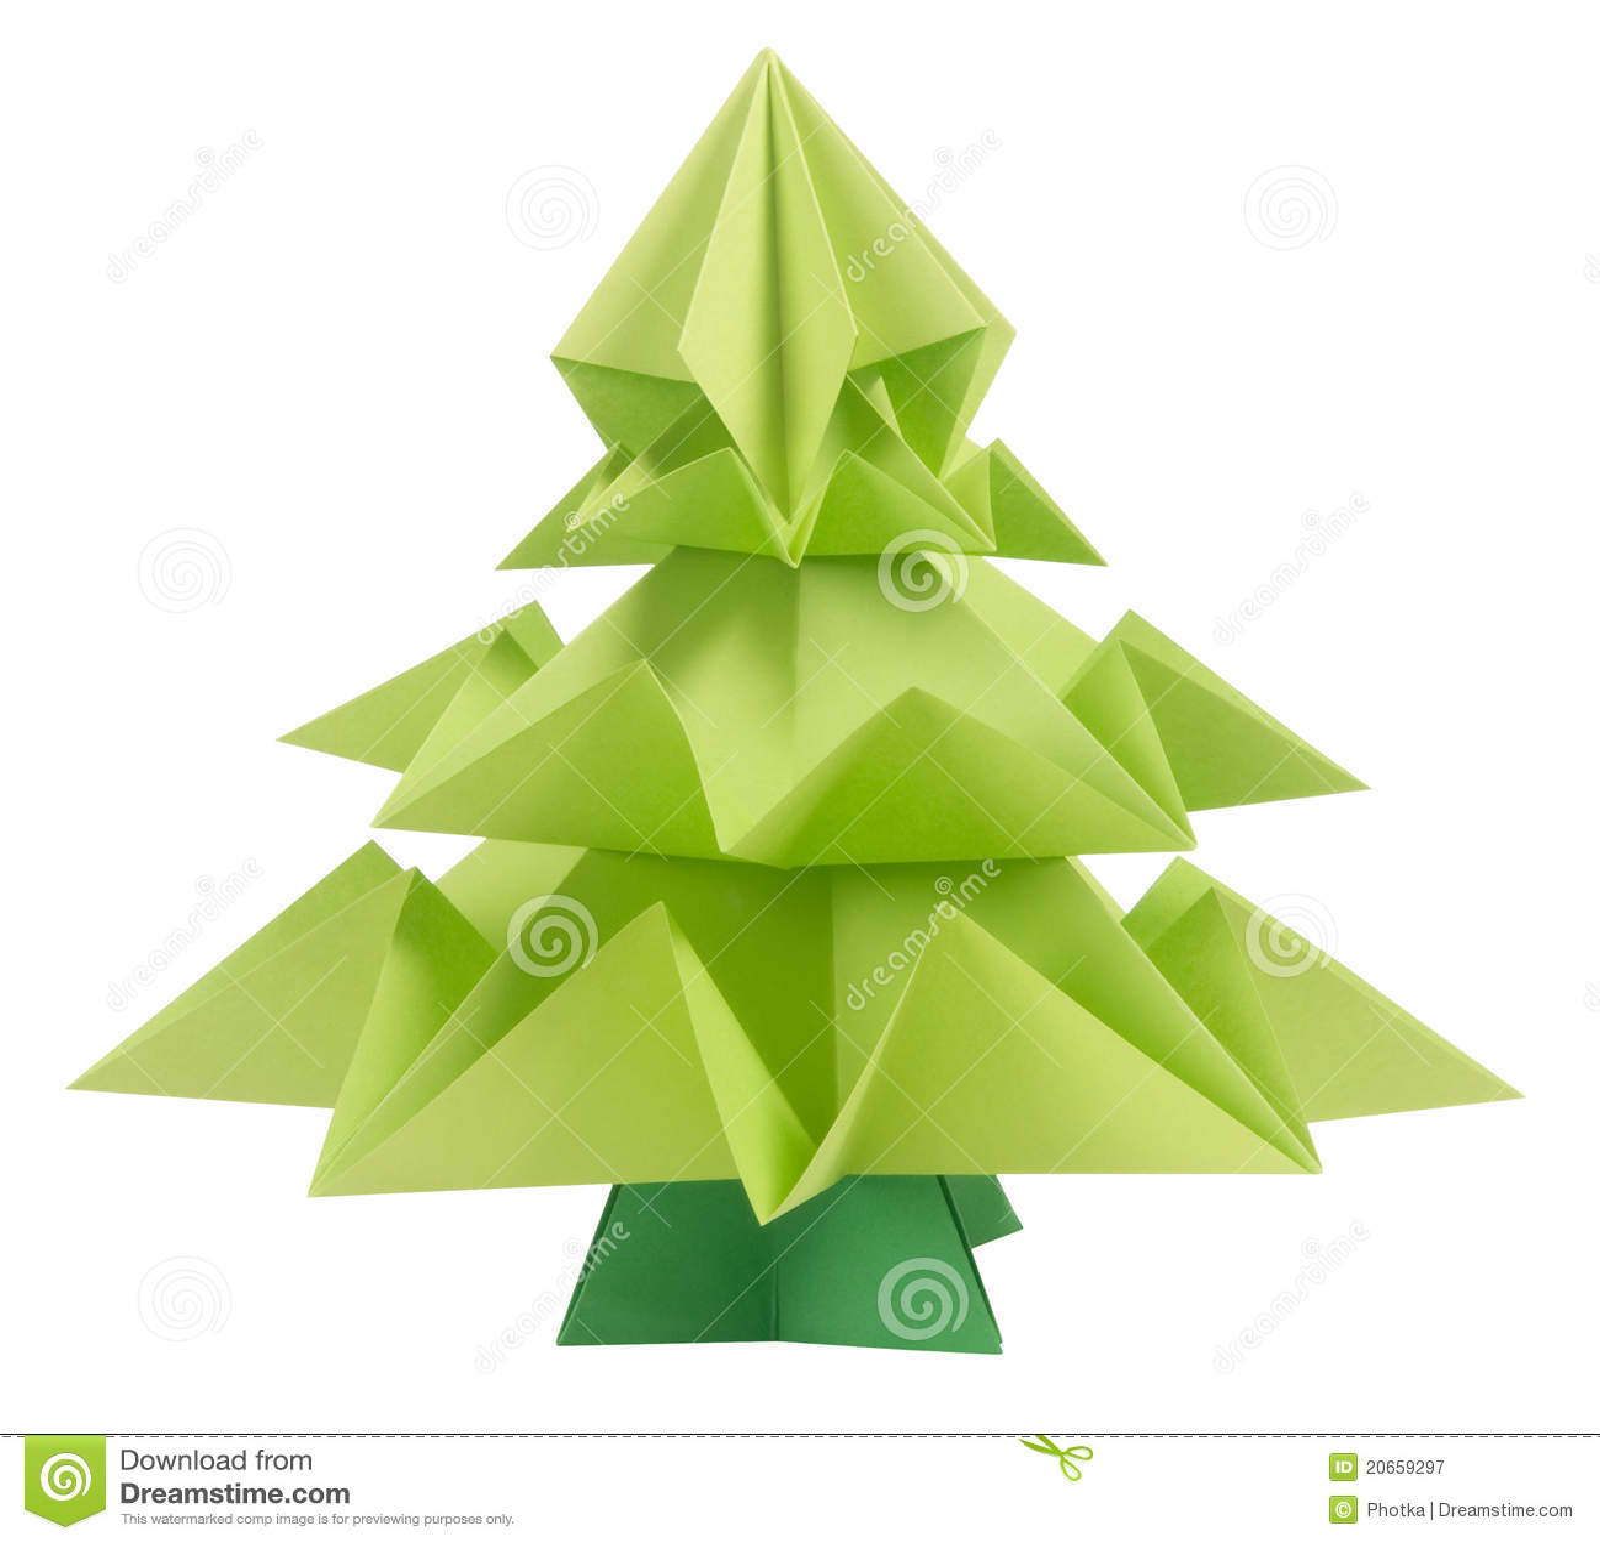 origami weihnachtsbaum lizenzfreie stockfotografie bild 20659297. Black Bedroom Furniture Sets. Home Design Ideas